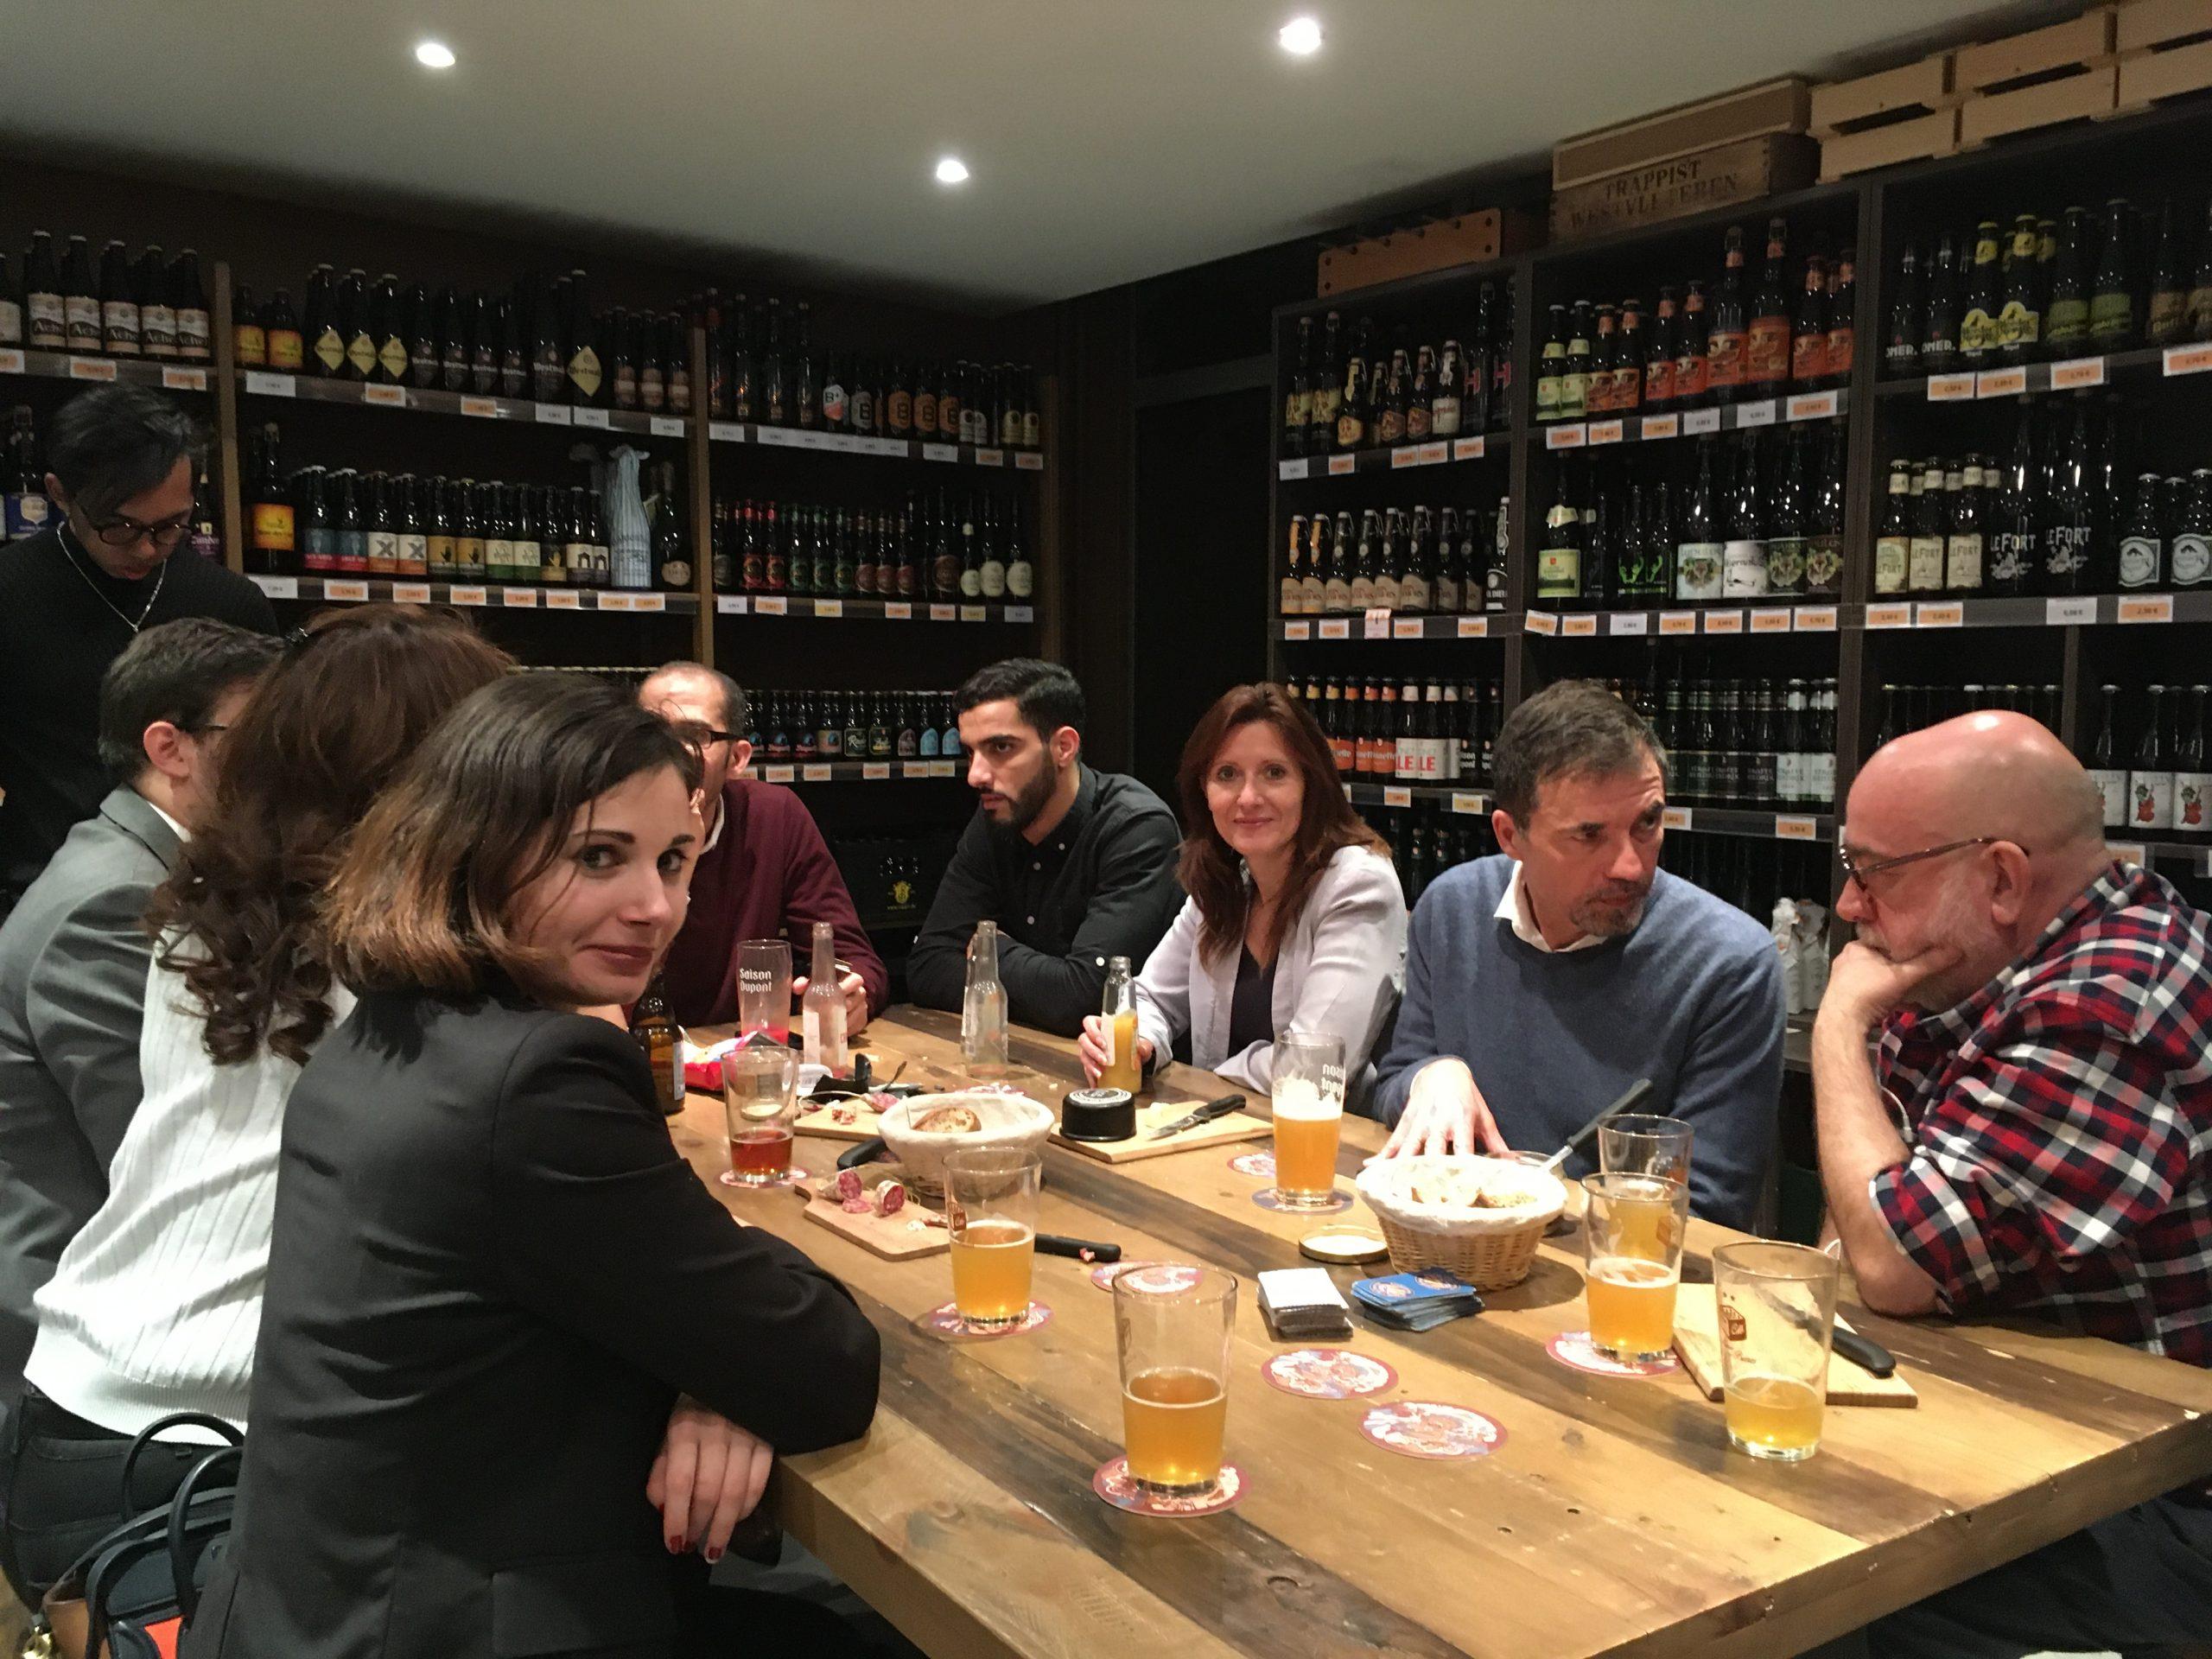 A la caisse de bière - Evènement Créa In'Pulse